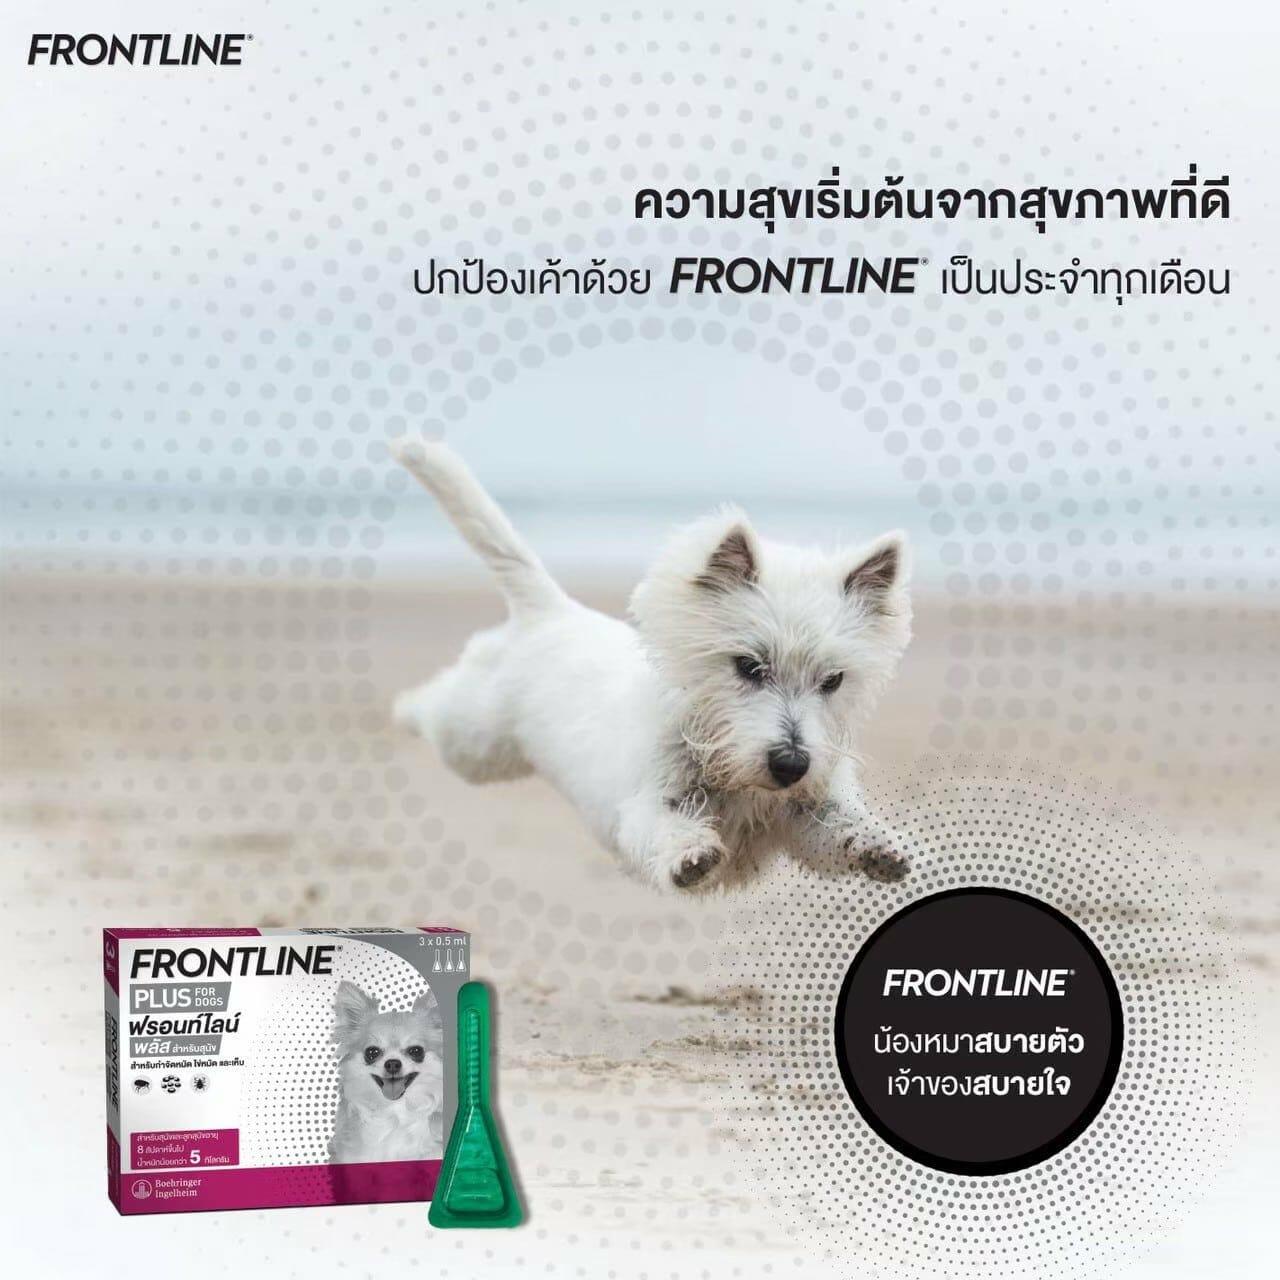 FRONTLINE PLUS210524  